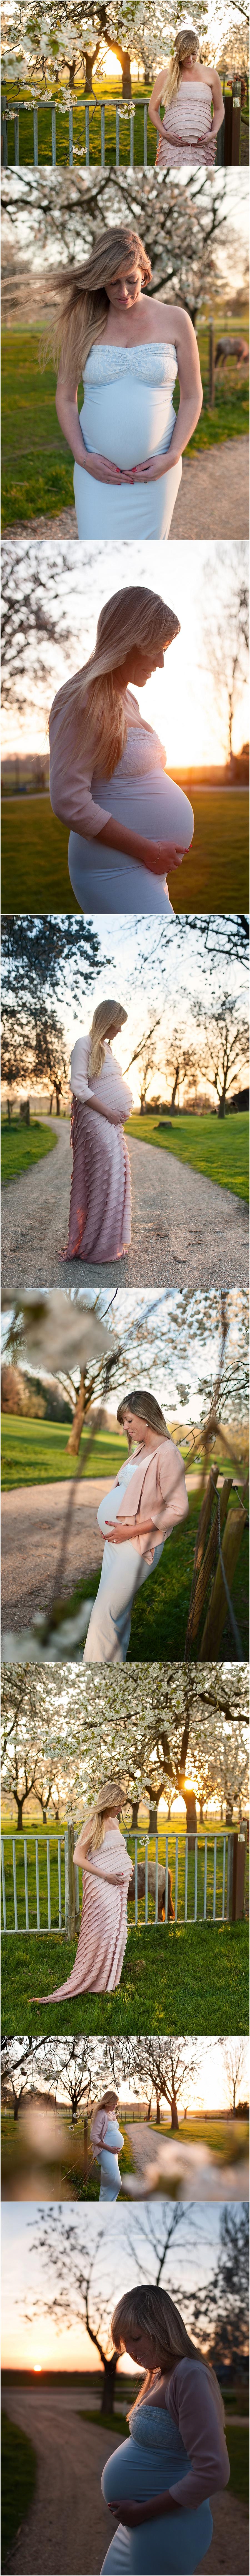 Tanja 36 weken zwanger - Zwanger fotoshoot Eerbeek